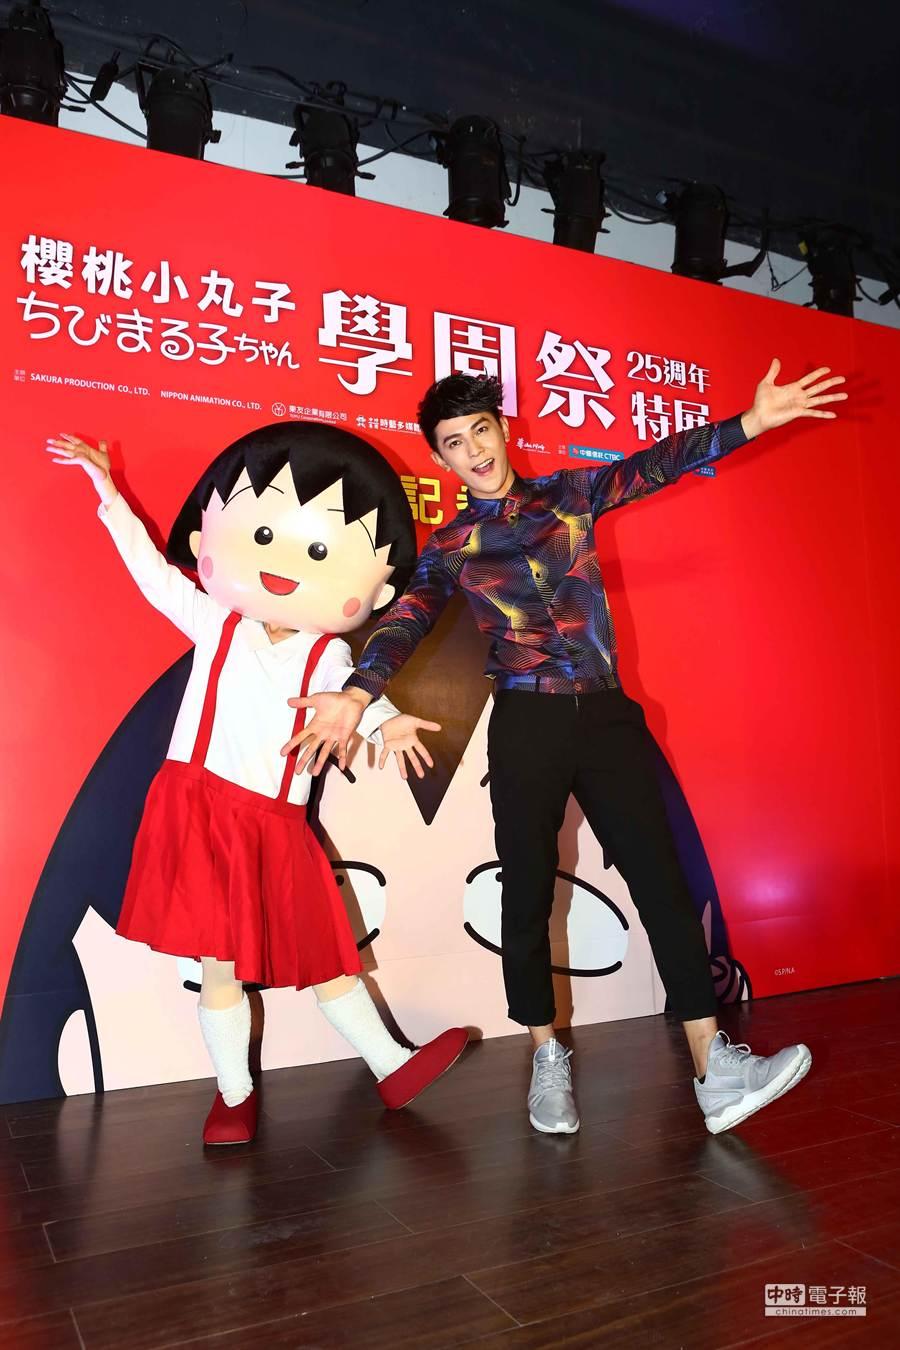 汪東城18日出席《櫻桃小丸子學園祭-25週年特展》開幕記者會,與小丸子人偶開心合影。他花1小時吹了很飄逸的花輪頭,當場模仿花輪,全場笑翻,自認花輪跟他一樣自戀。(鄧博仁攝)